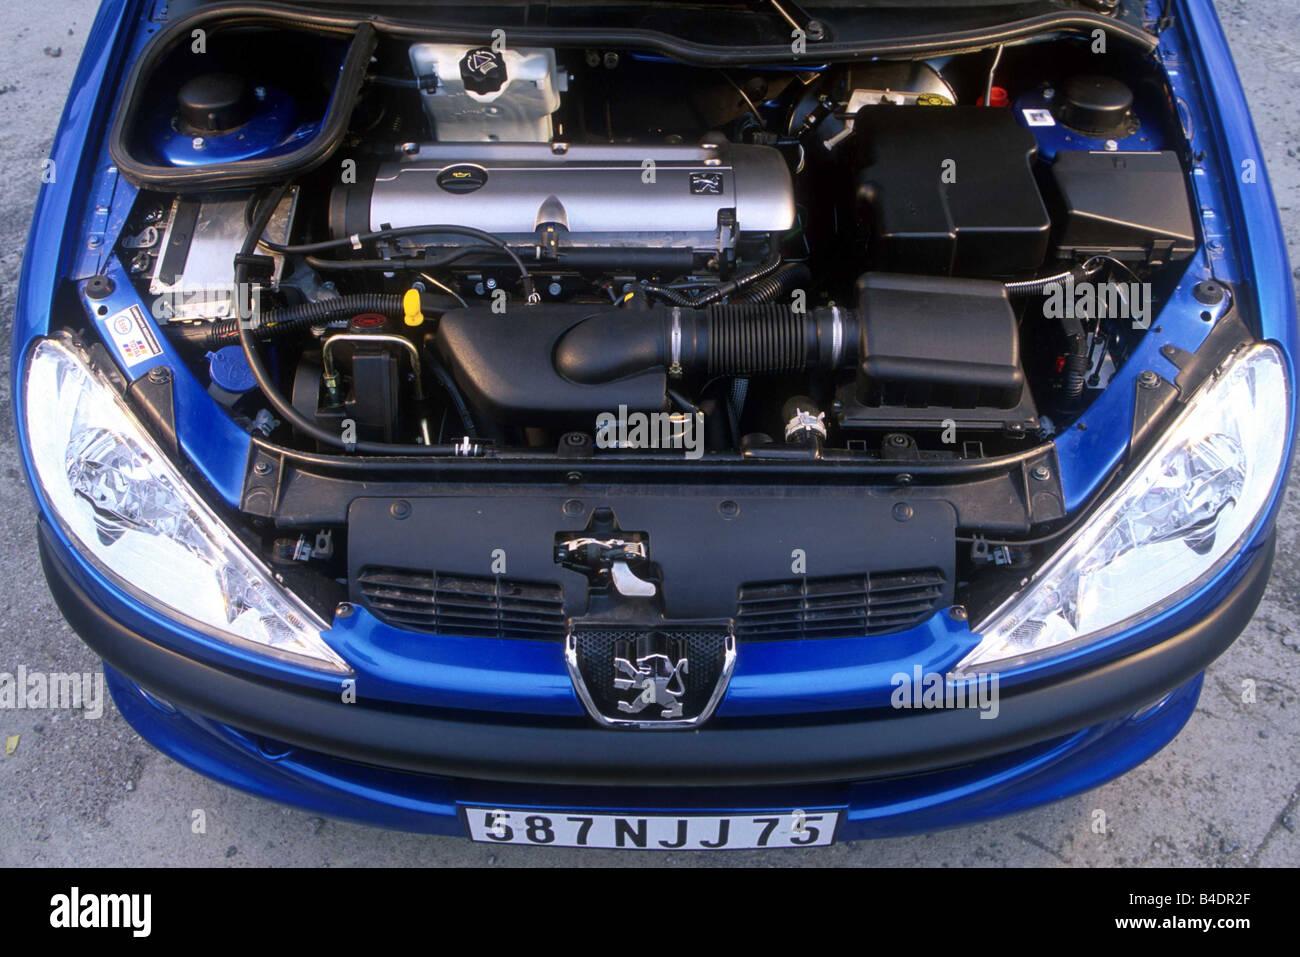 Voiture, Peugeot 206 CC, cabriolet, l\u0027année de modèle 2000,, bleu, vue dans  le compartiment moteur, moteur, la technique/accessoire, accessoires